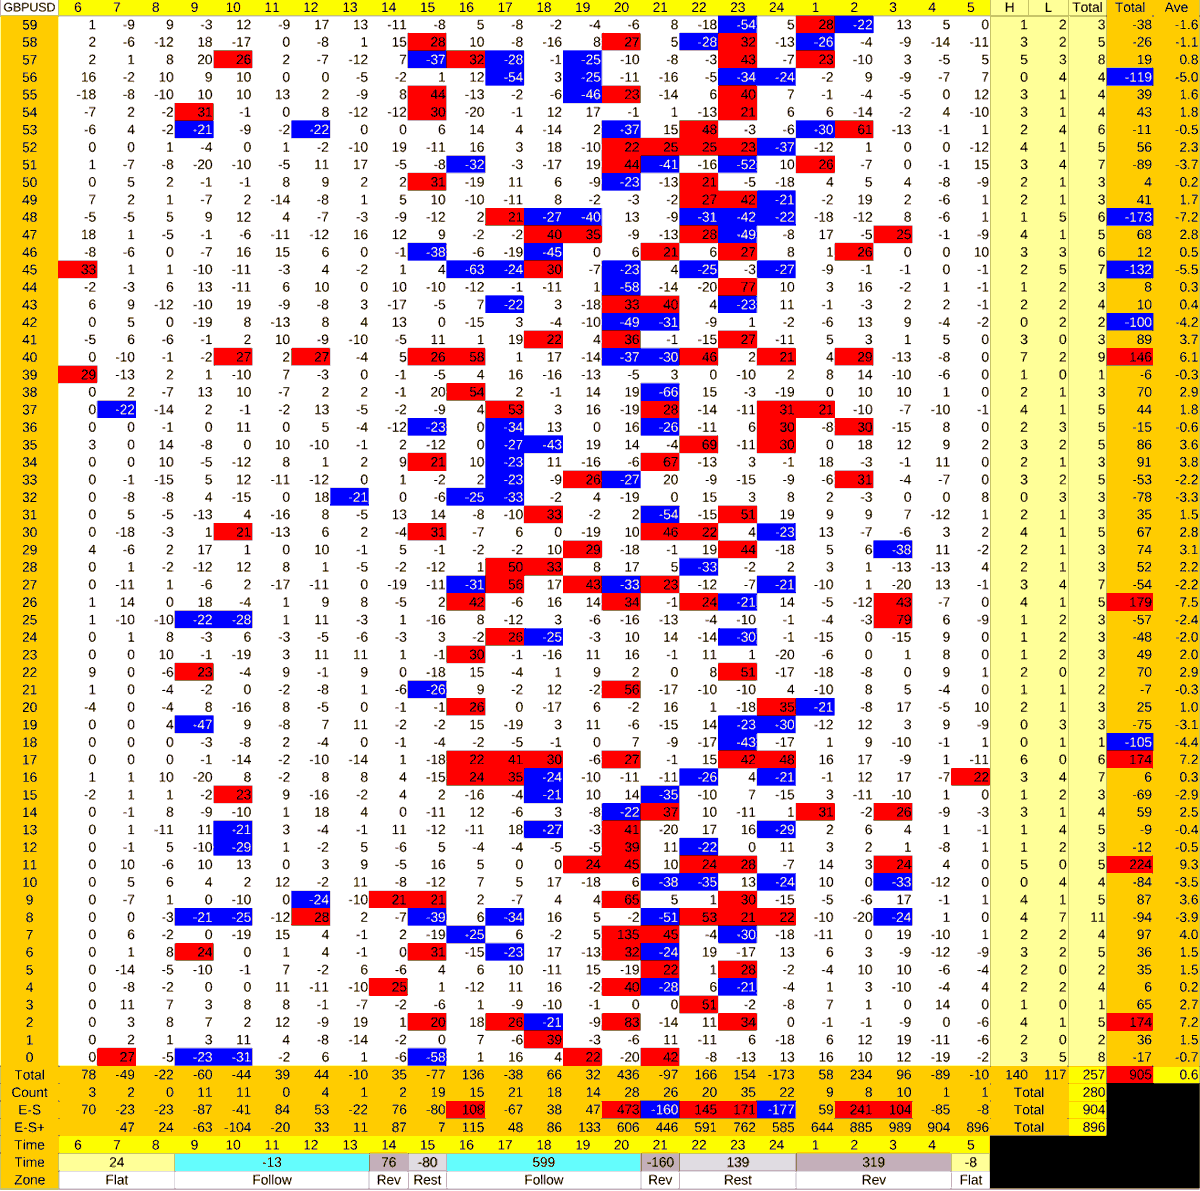 20210527_HS(2)GBPUSD